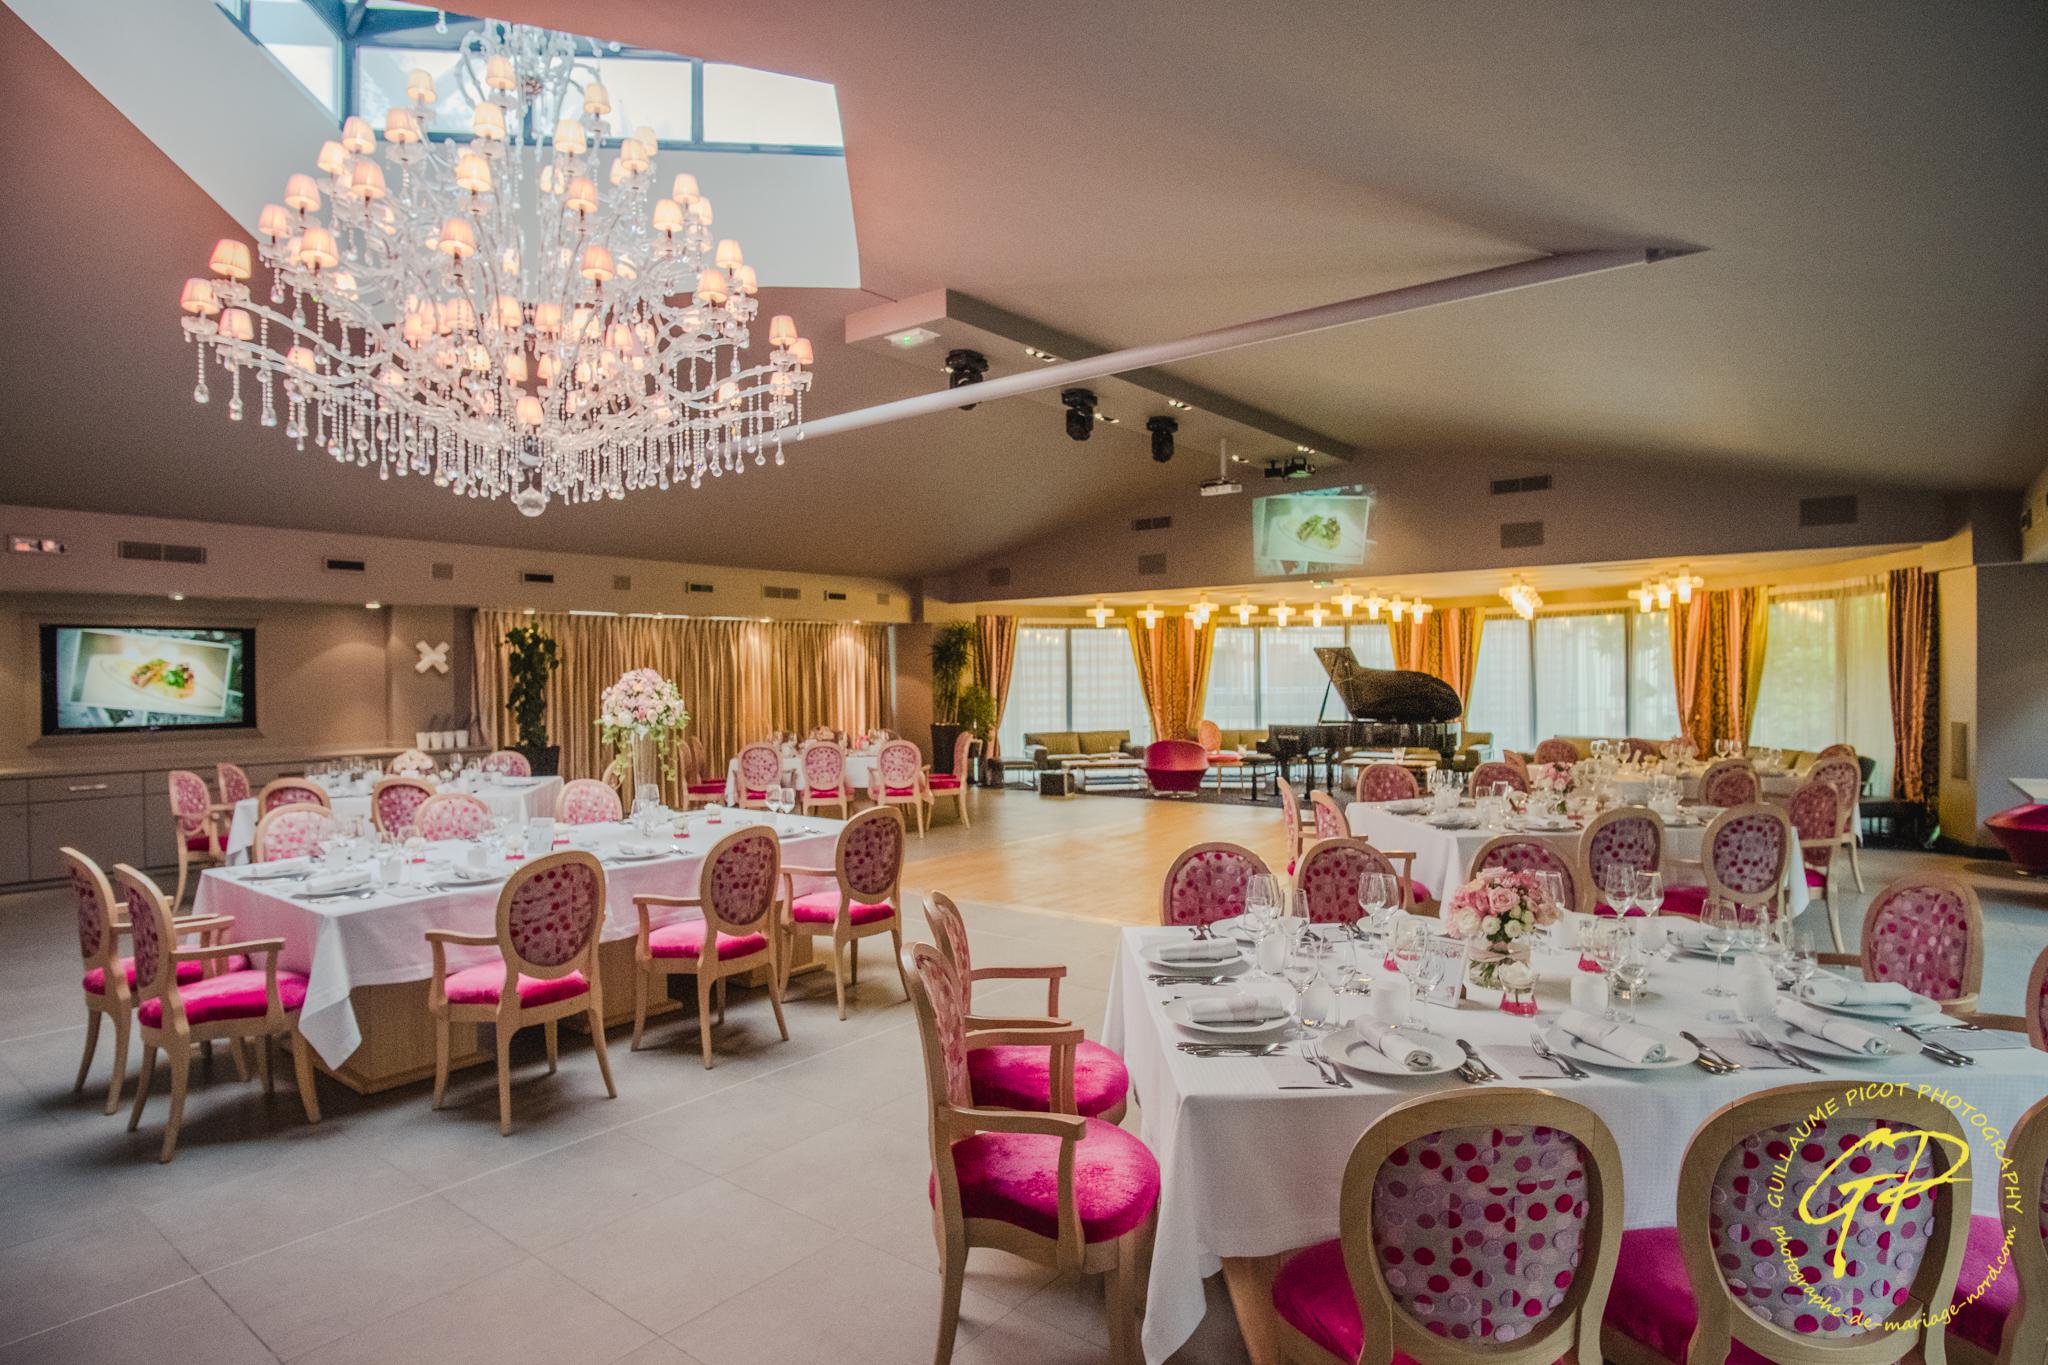 rose events marc Meurin chateau de beaulieu busnes (43 sur 109)